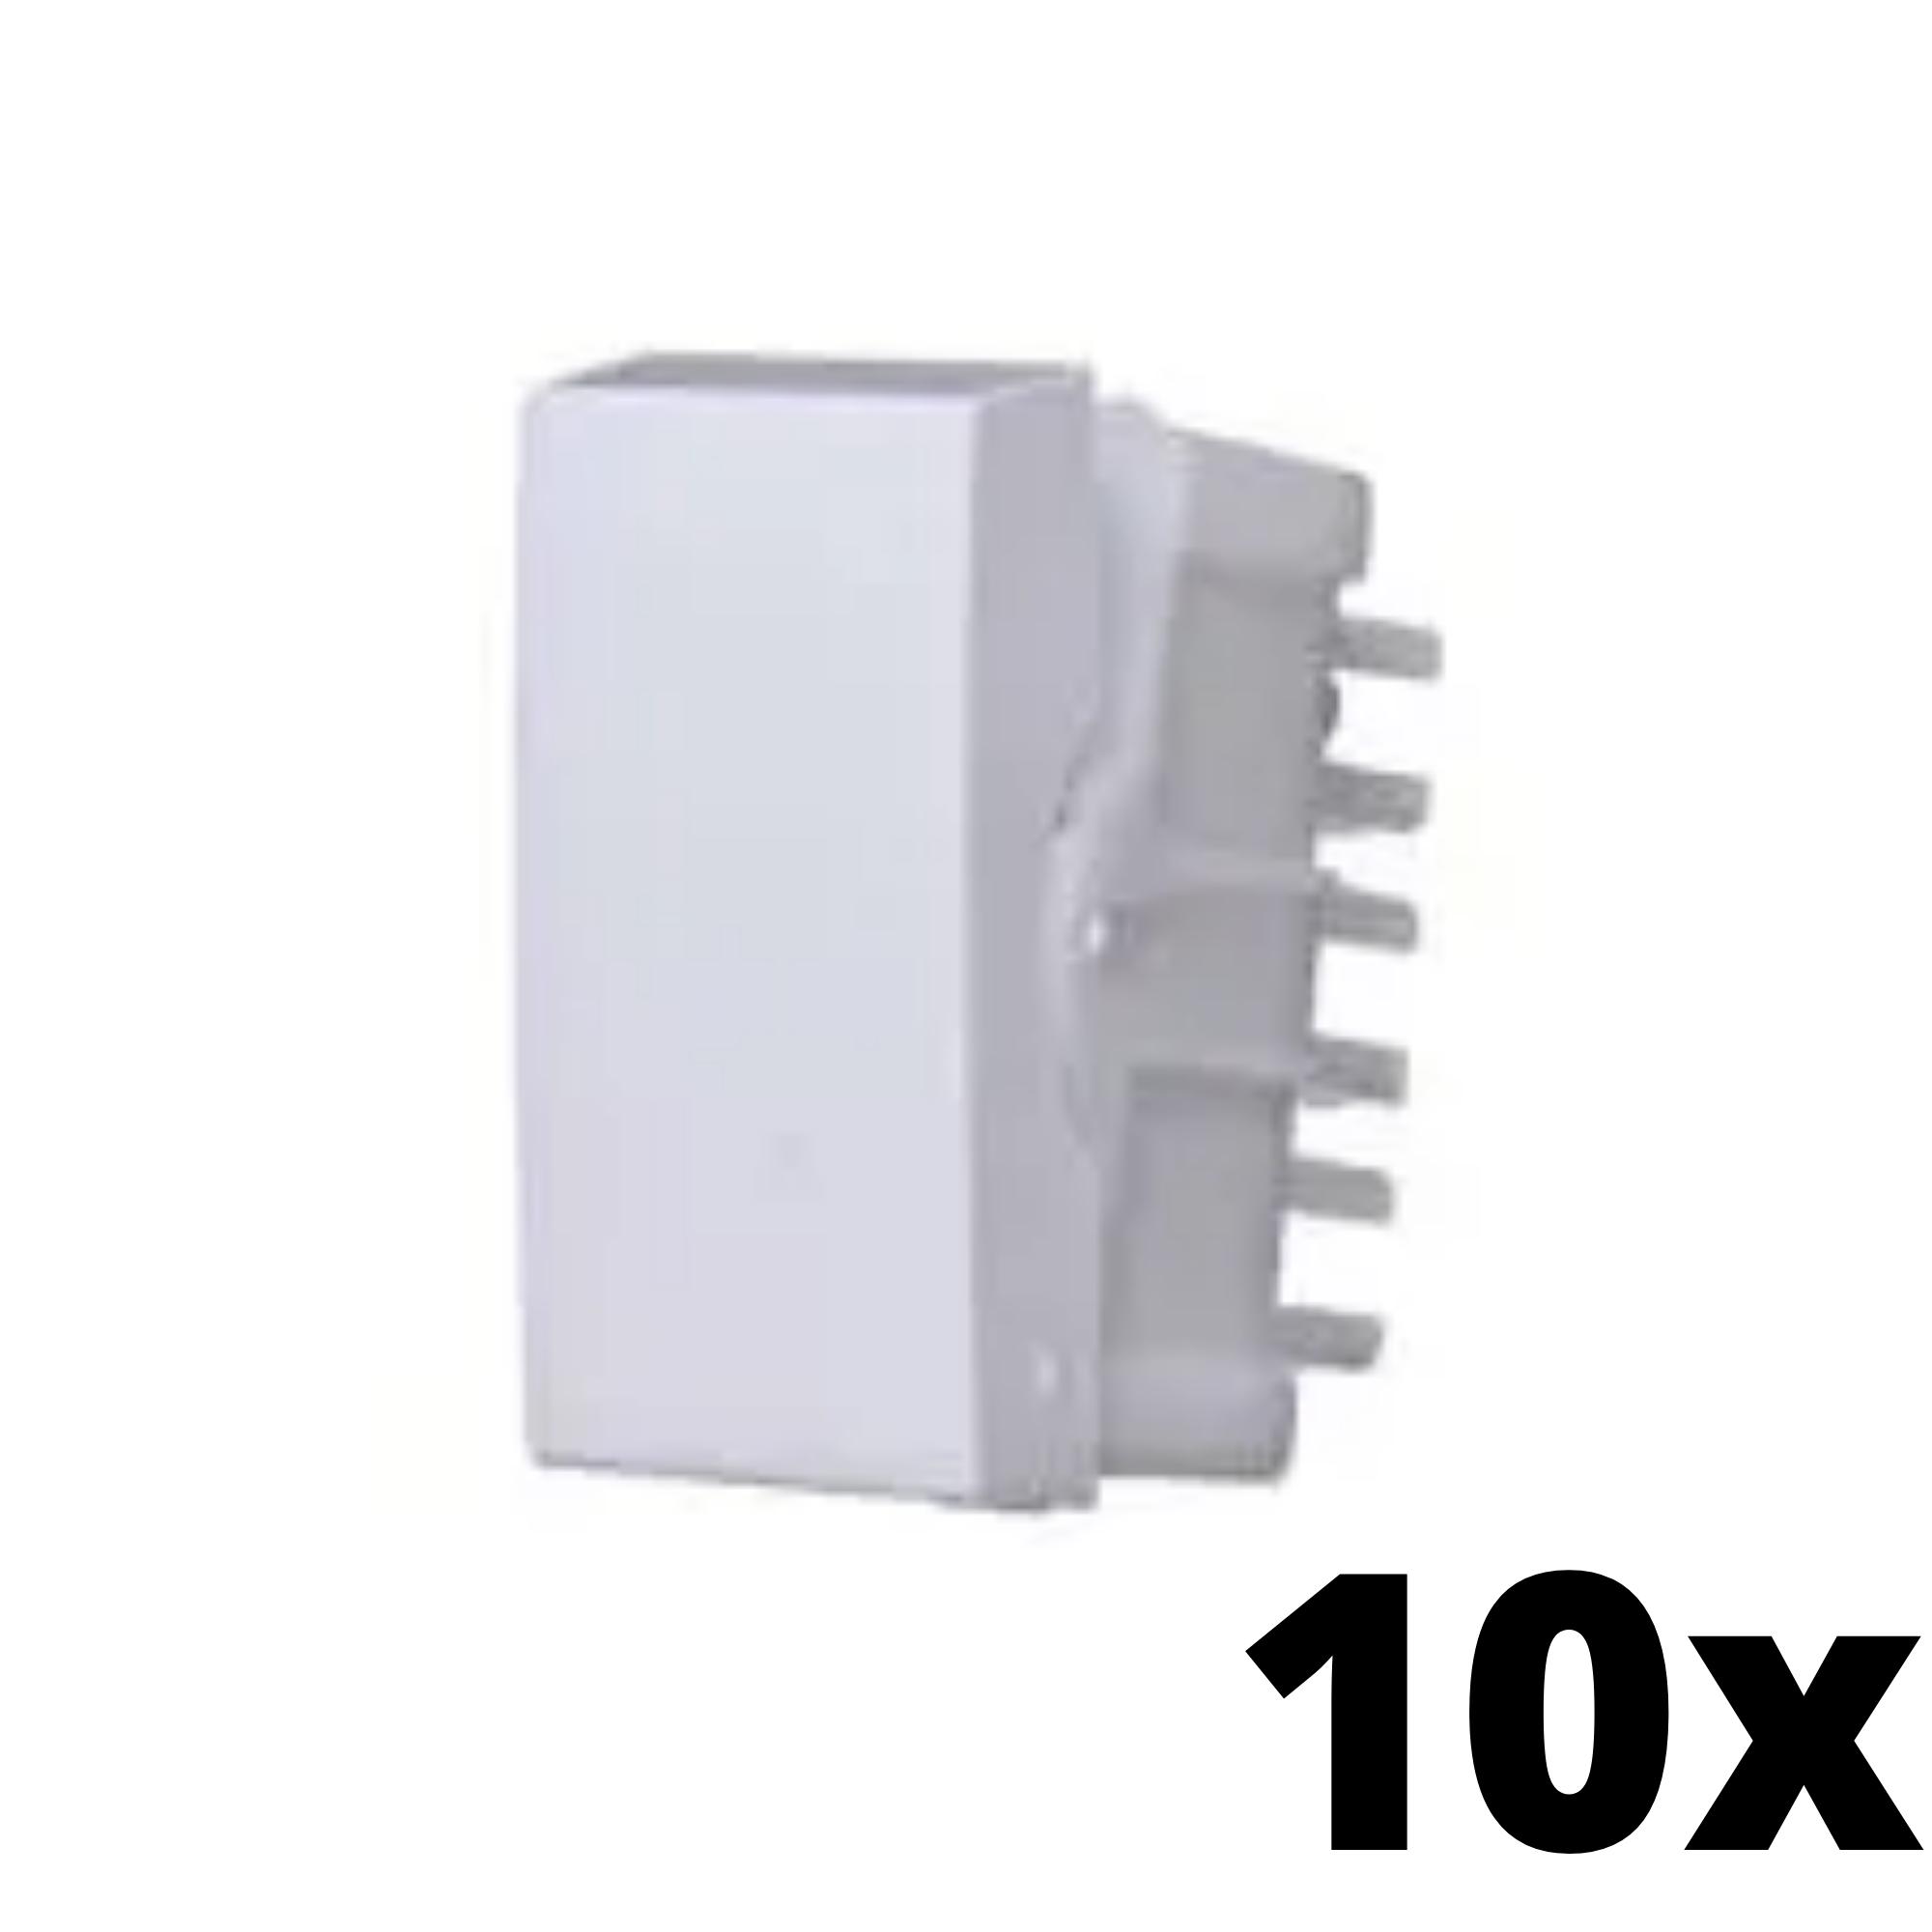 Kit 10 und Siena Módulo Interruptor Simples